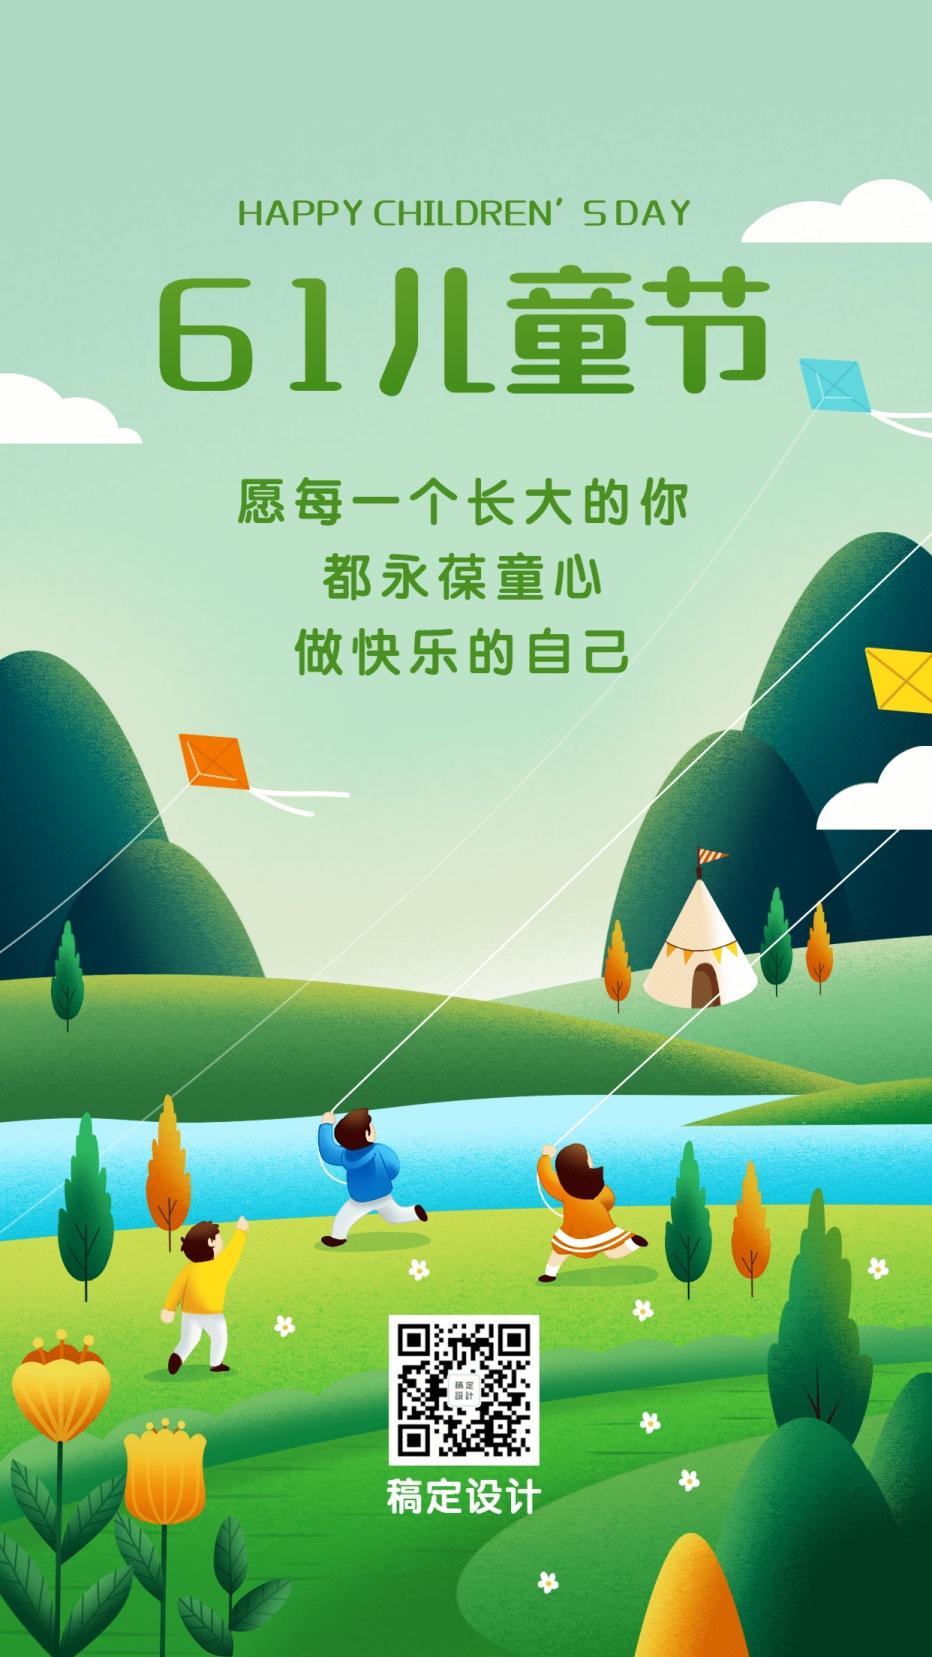 六一儿童节祝福插画手机海报